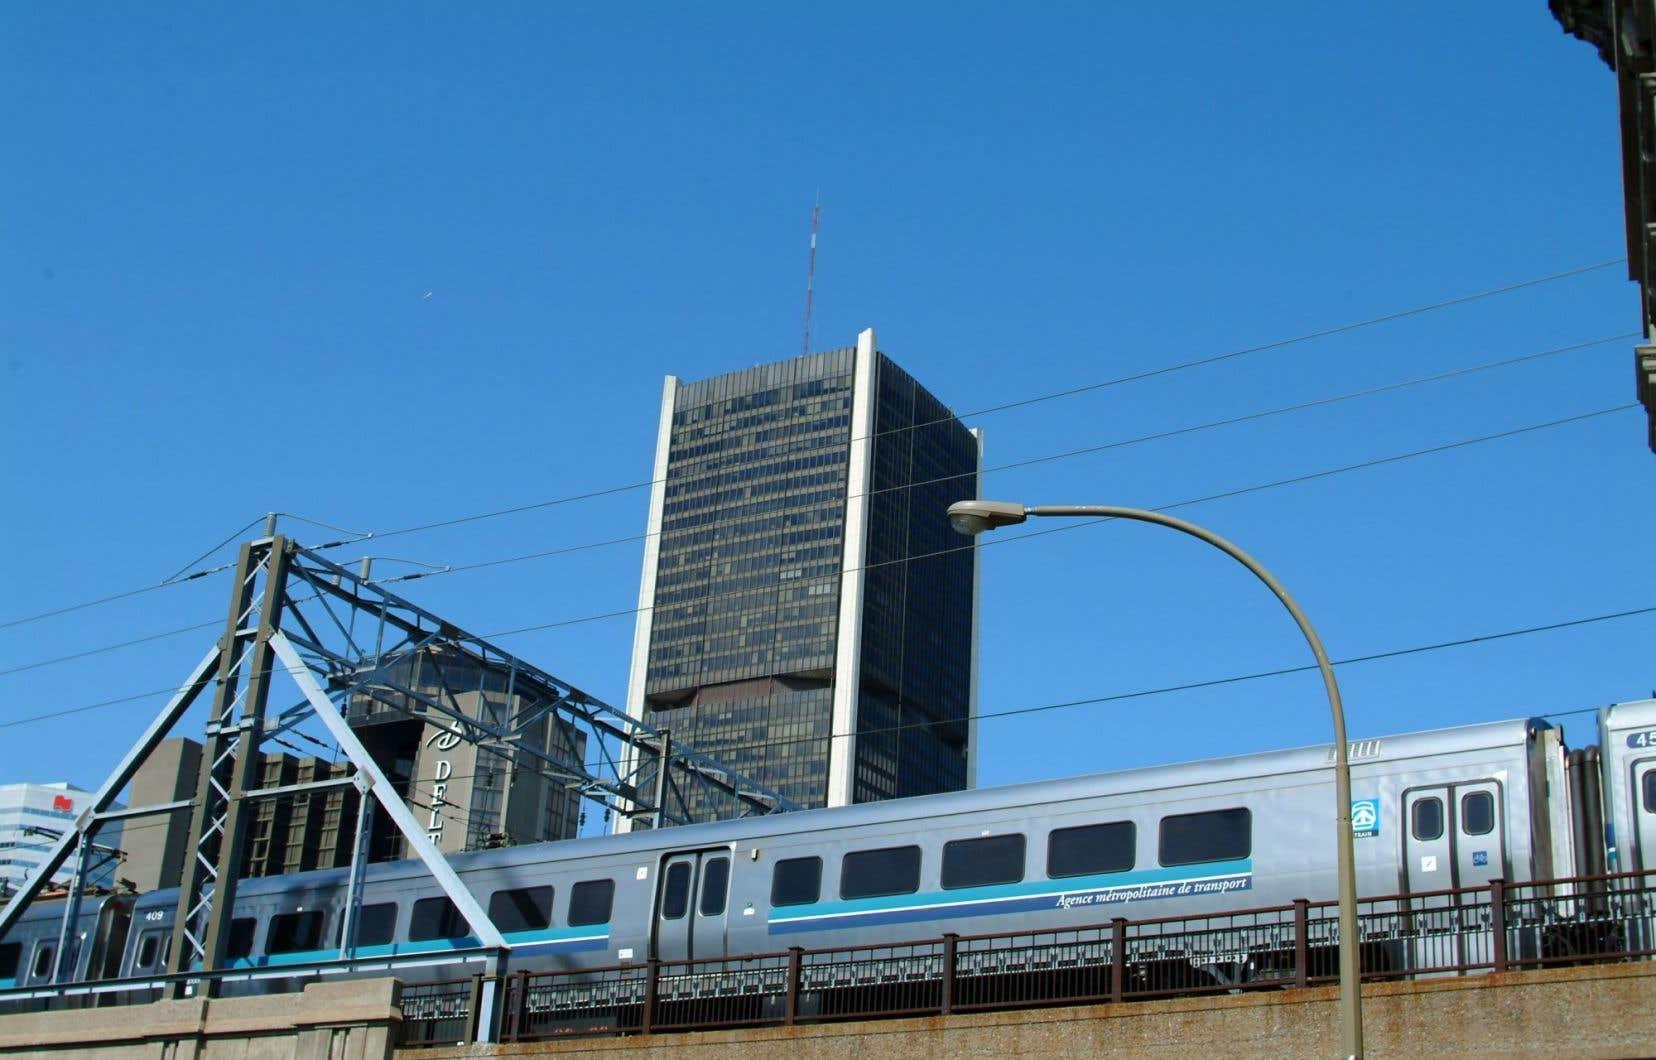 L'AMT n'est pas encore en mesure de confirmer si les services de trains de banlieue de la pointe de l'après-midi pourront être offerts.